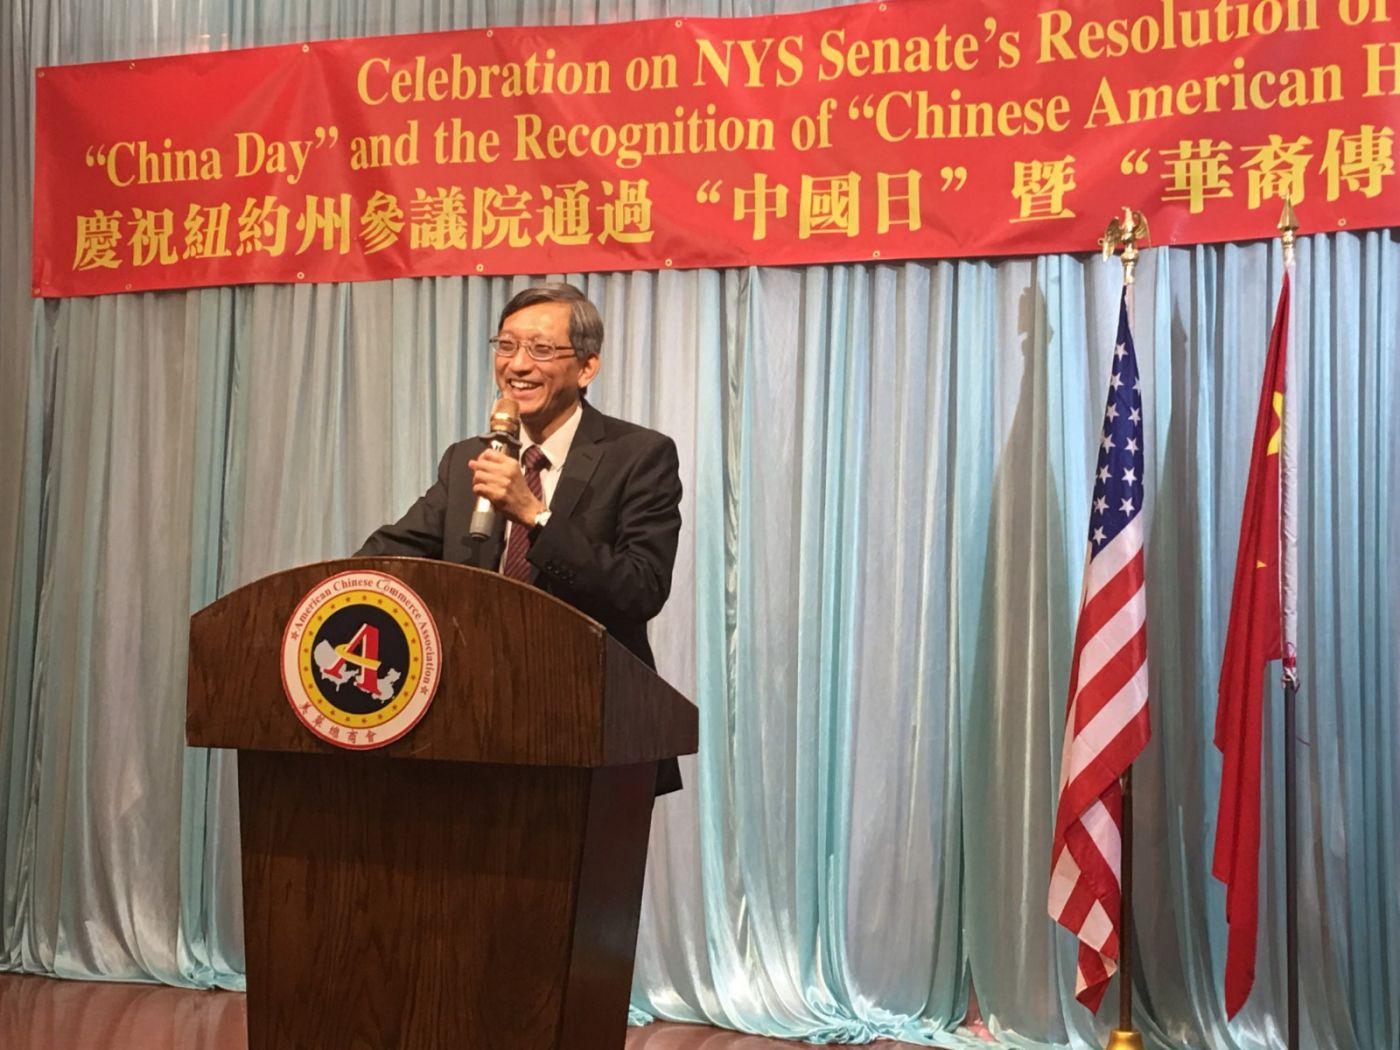 紐約州參議院通過「中國日」決議案慶祝会在紐約舉行_图1-22